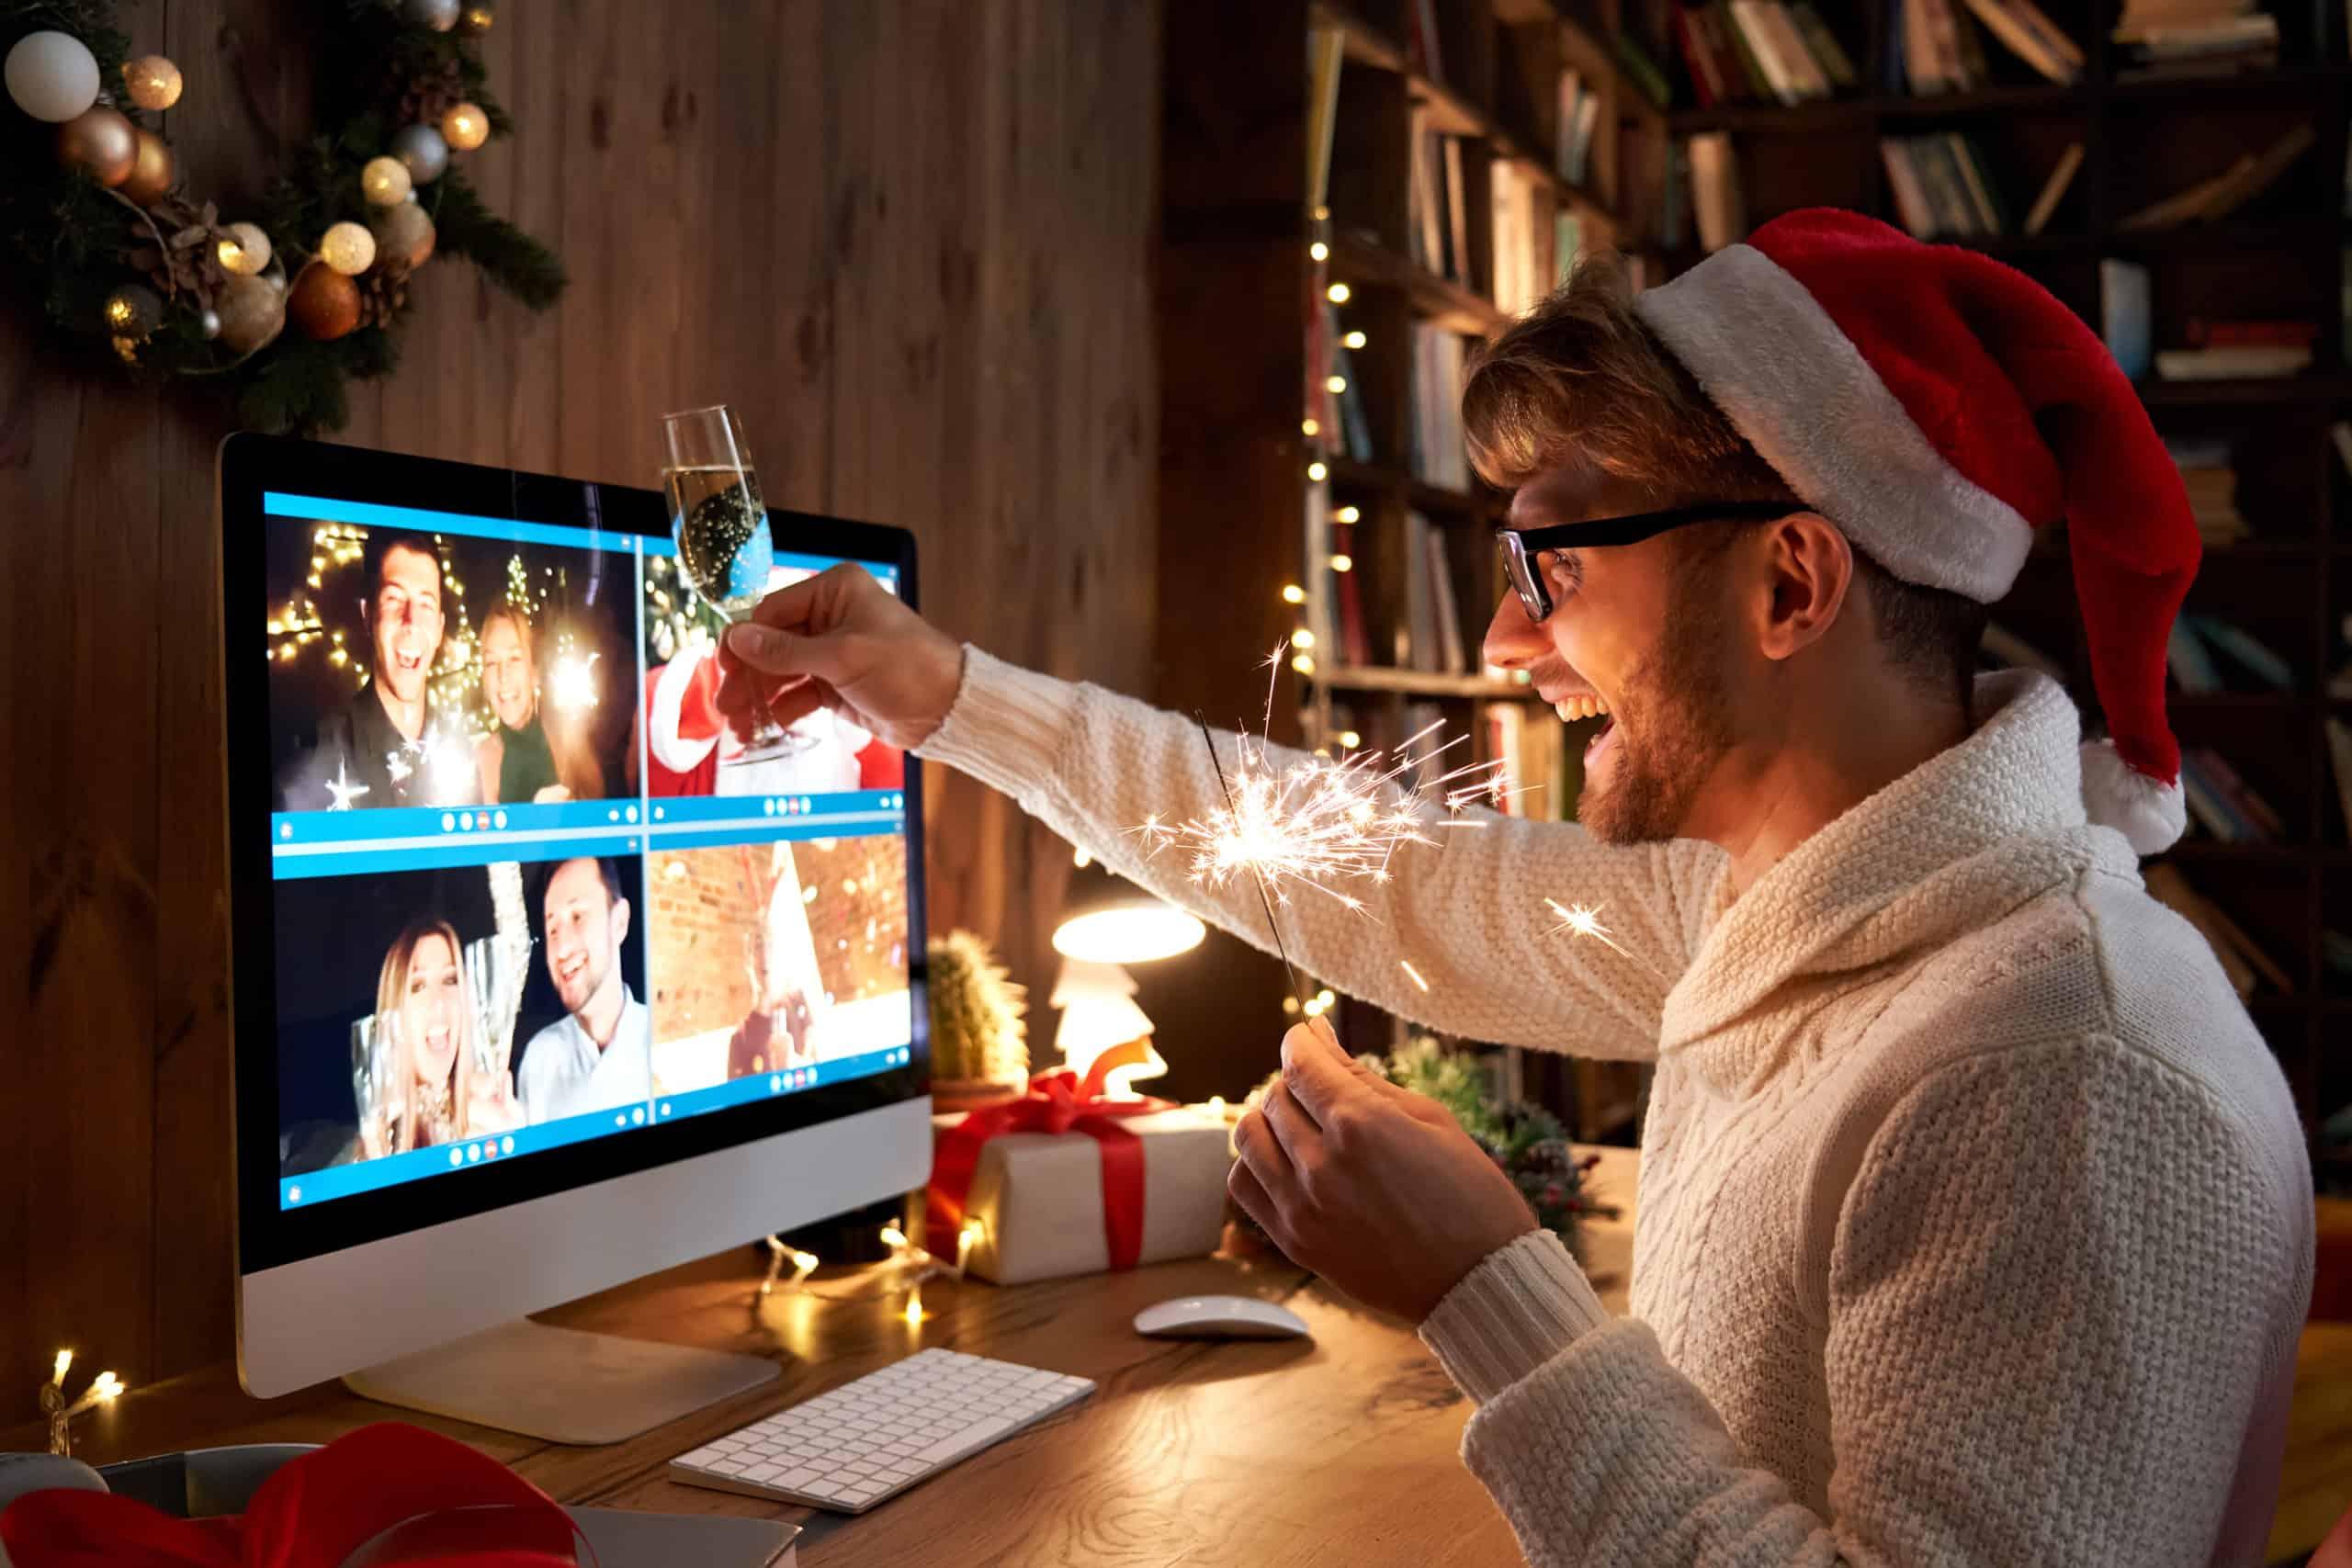 Virtuelle Weihnachtsfeier: ein lachender Mann trägt eine rote Weihnachtsmütze, hält eine gezündete Wunderkerze und ein gefülltes Sektglas in den Händen und stoßt mit seinen Kollegen in einem Video-Call an.